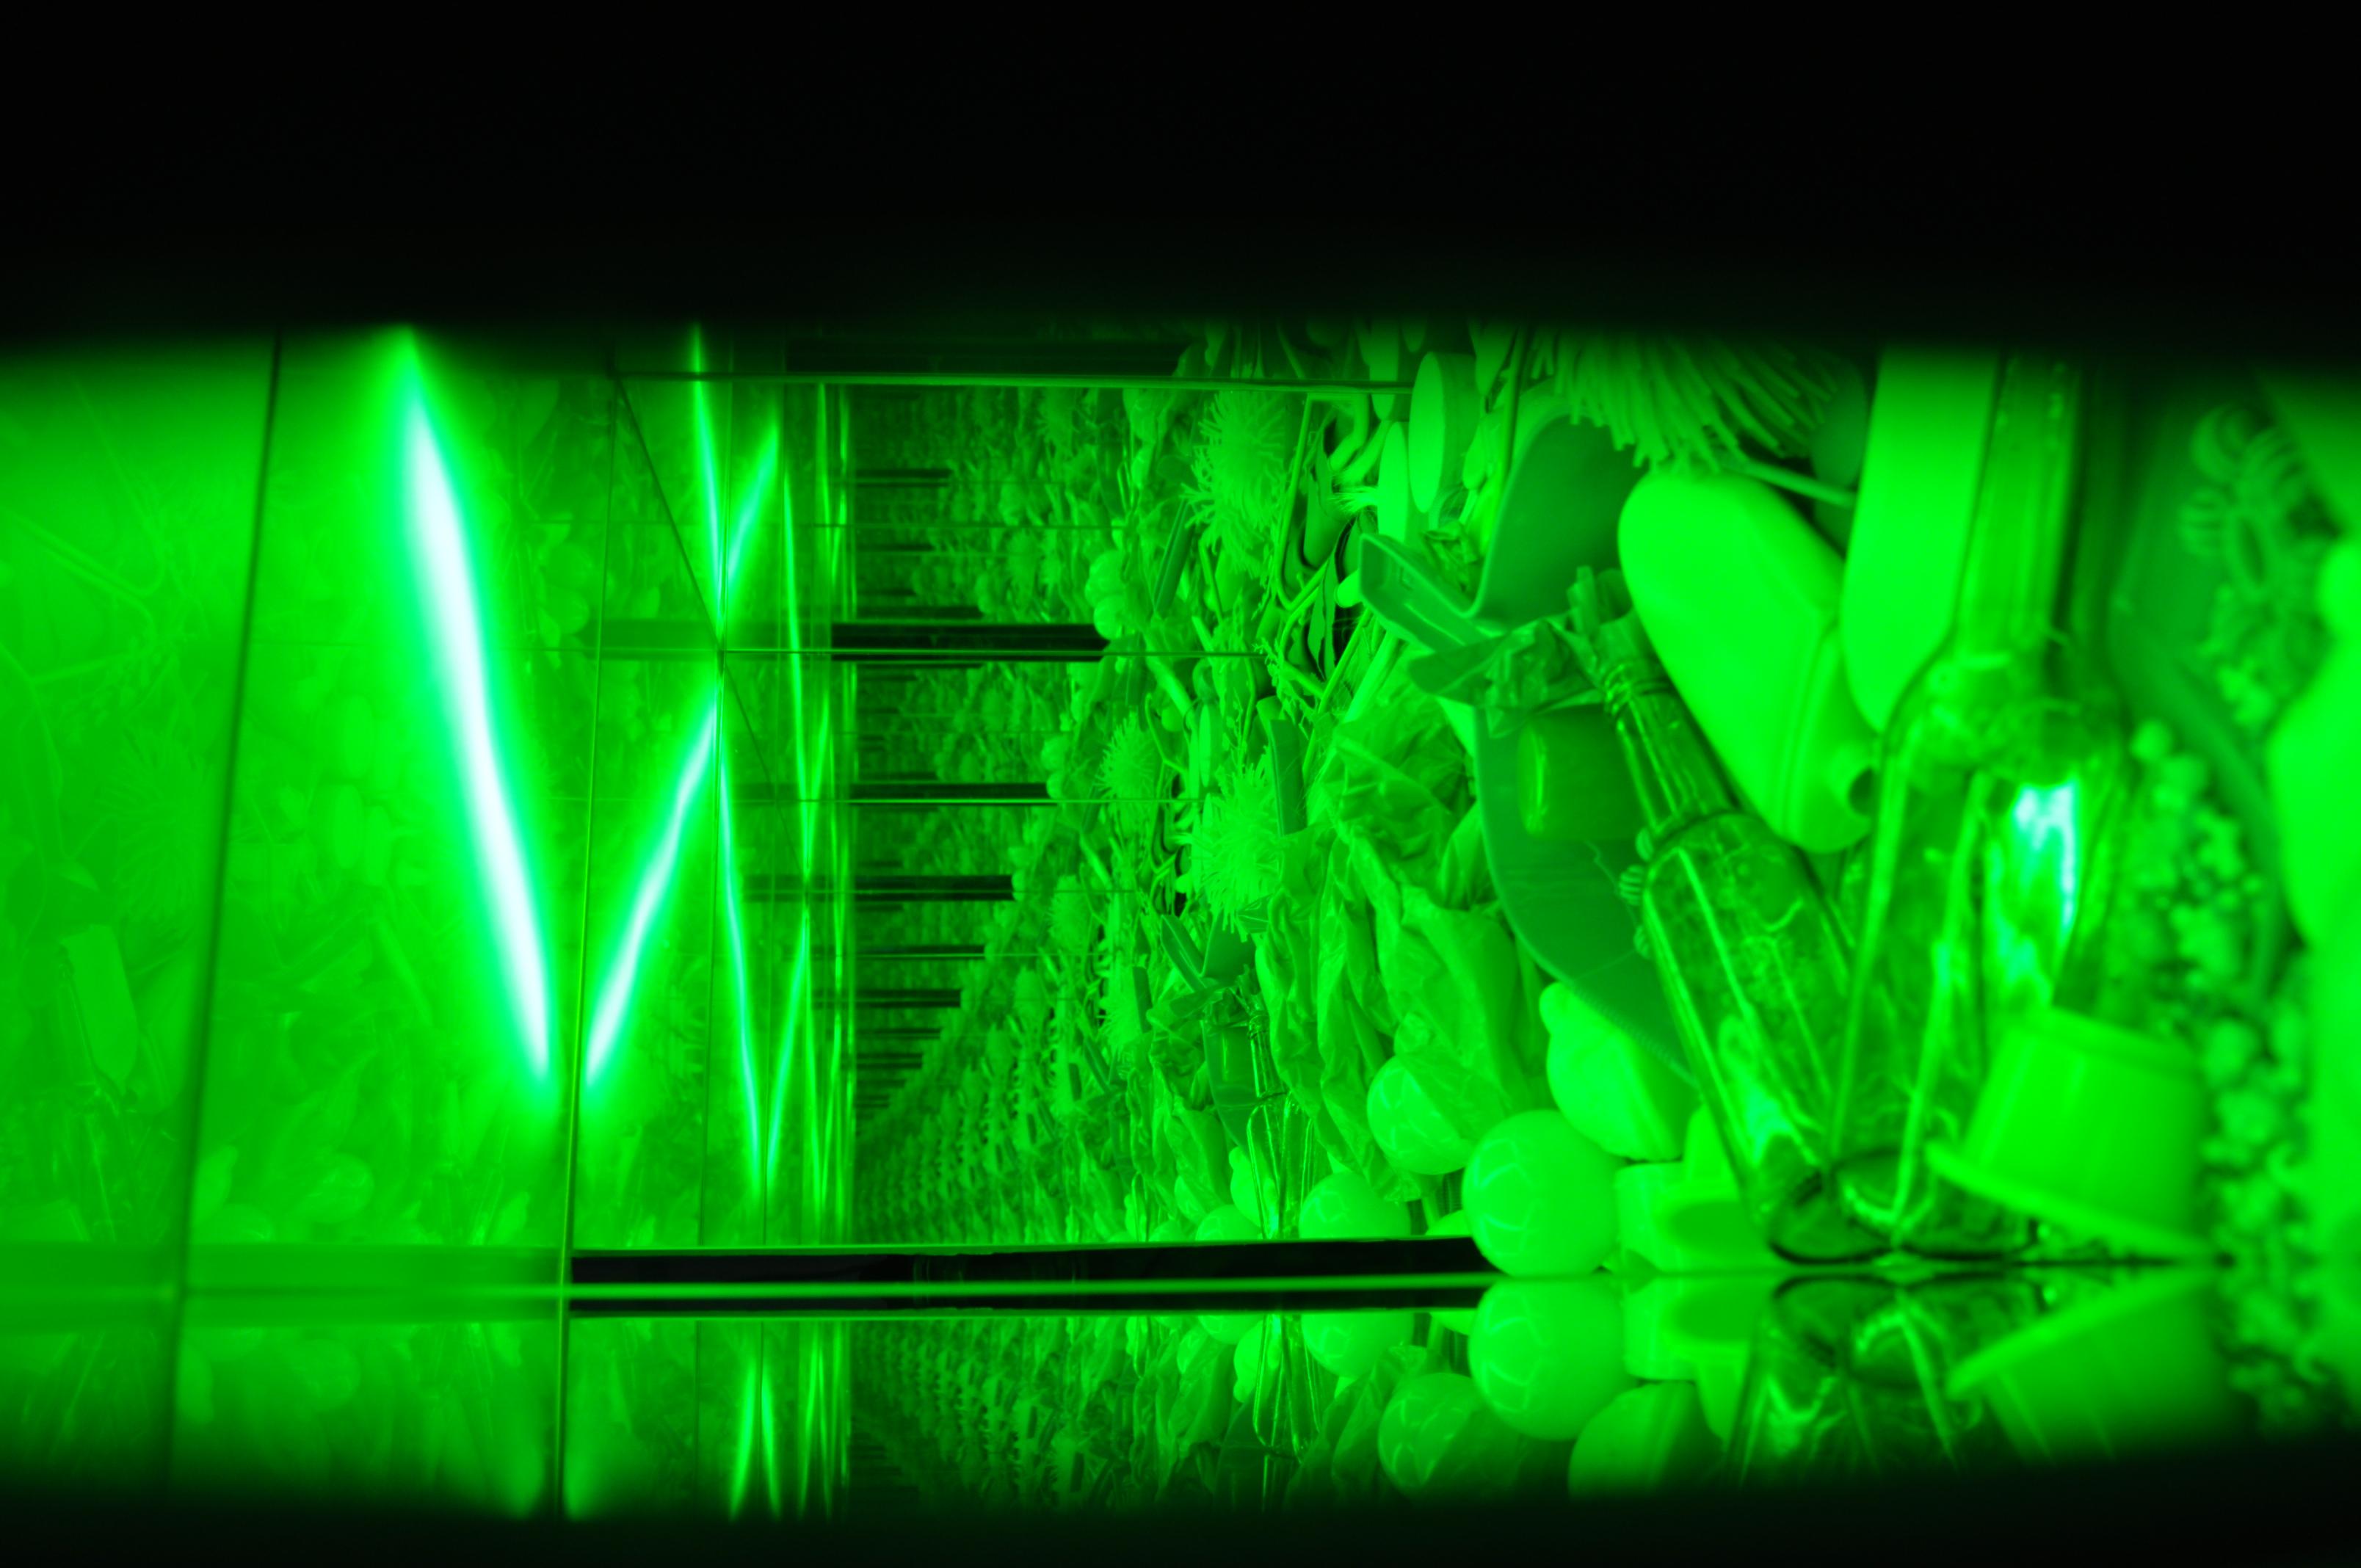 Liz West, Green Chamber (Internal View), Mixed Media Installation, 2011 -1.JPG